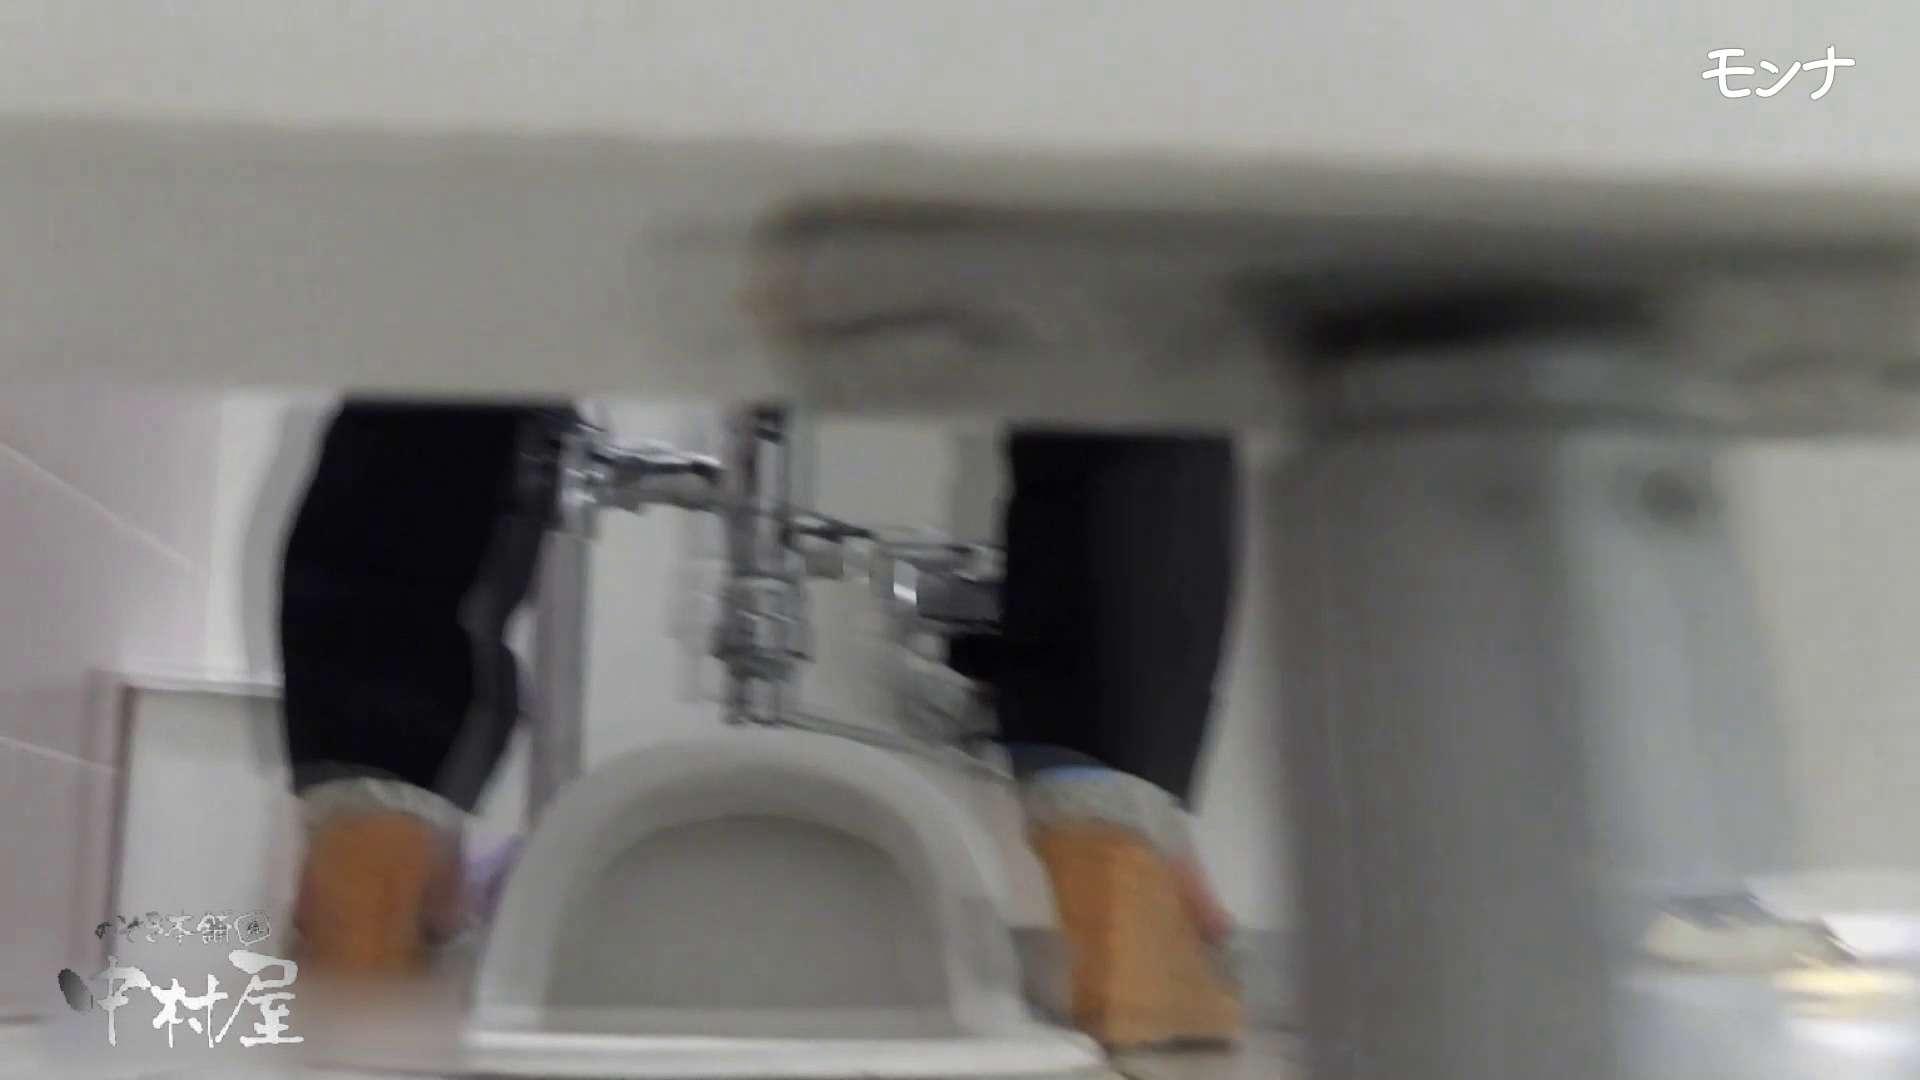 【美しい日本の未来】美しい日本の未来 No.69 ひやっと!終始15cmのしらすを垂らしながら・・・ トイレの中の女の子 アダルト動画キャプチャ 31連発 31